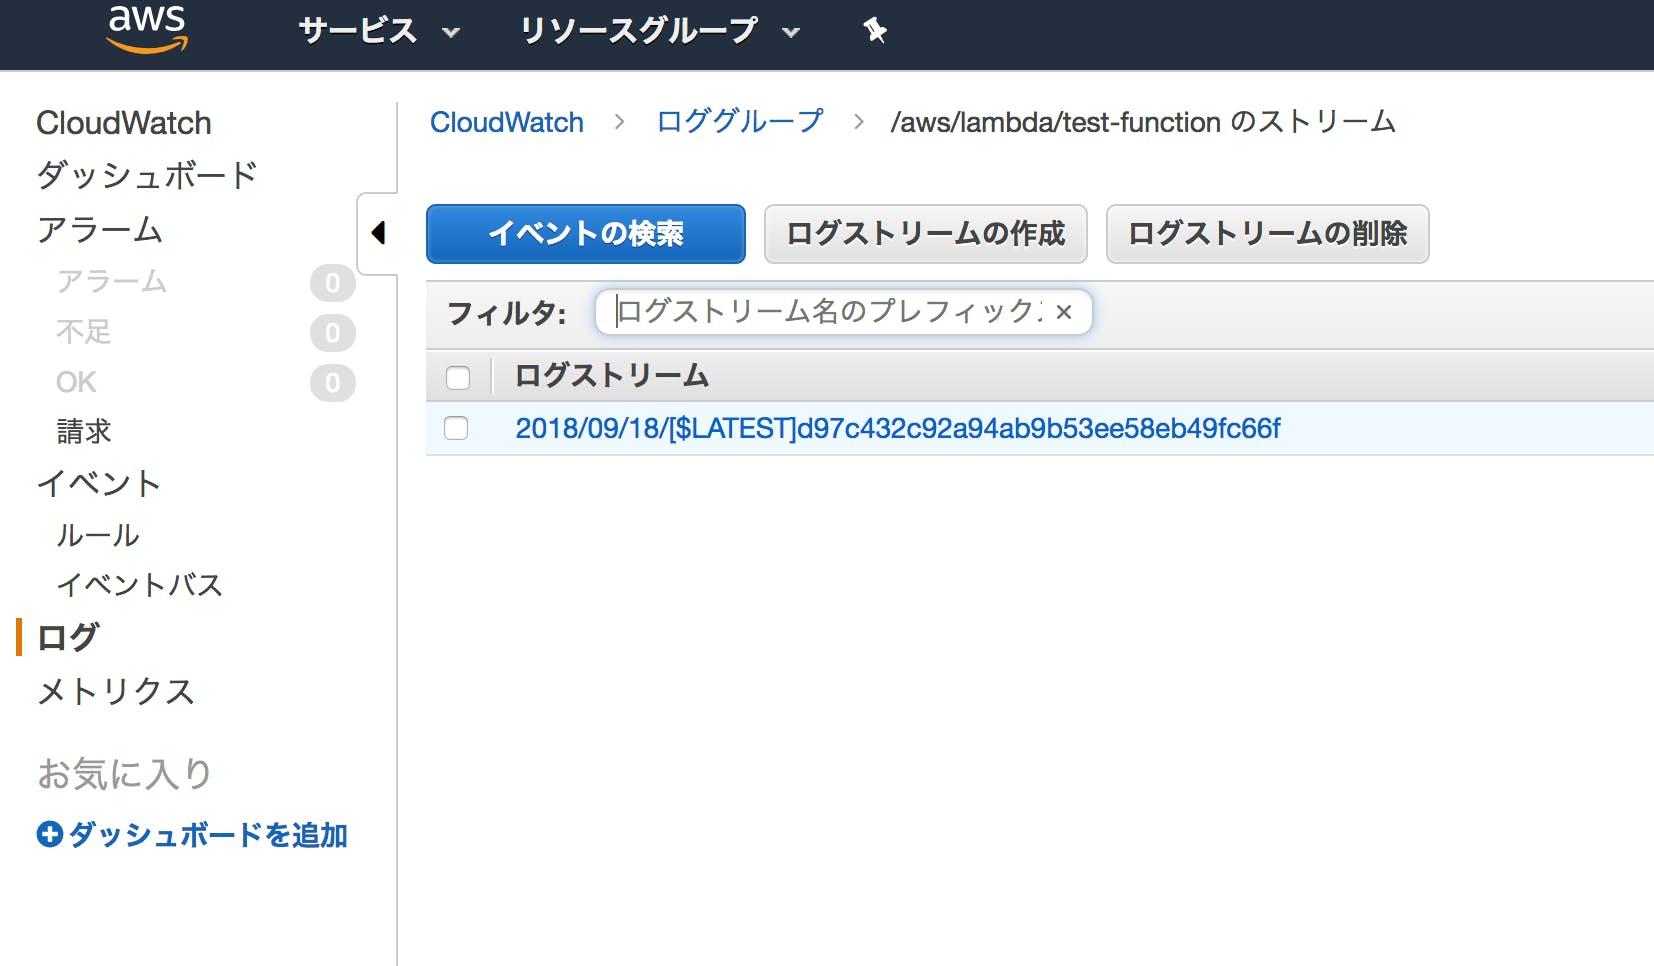 05_cloudwatch_logs_01.png